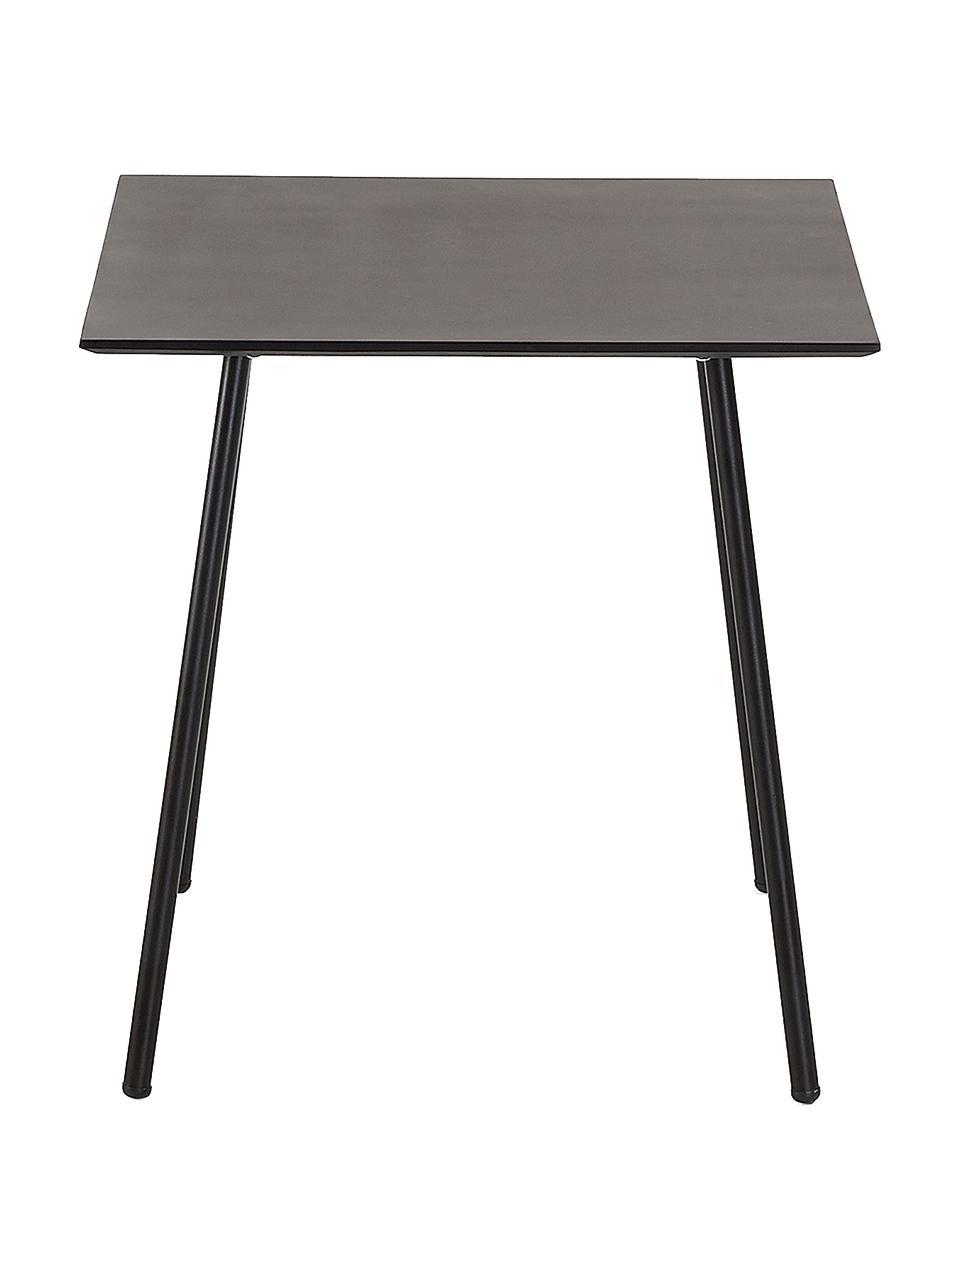 Balkontafel Mathis van metaal in zwart, Tafelblad: gepoedercoat verzinkt sta, Poten: gepoedercoat metaal, Zwart, 75 x 75 cm